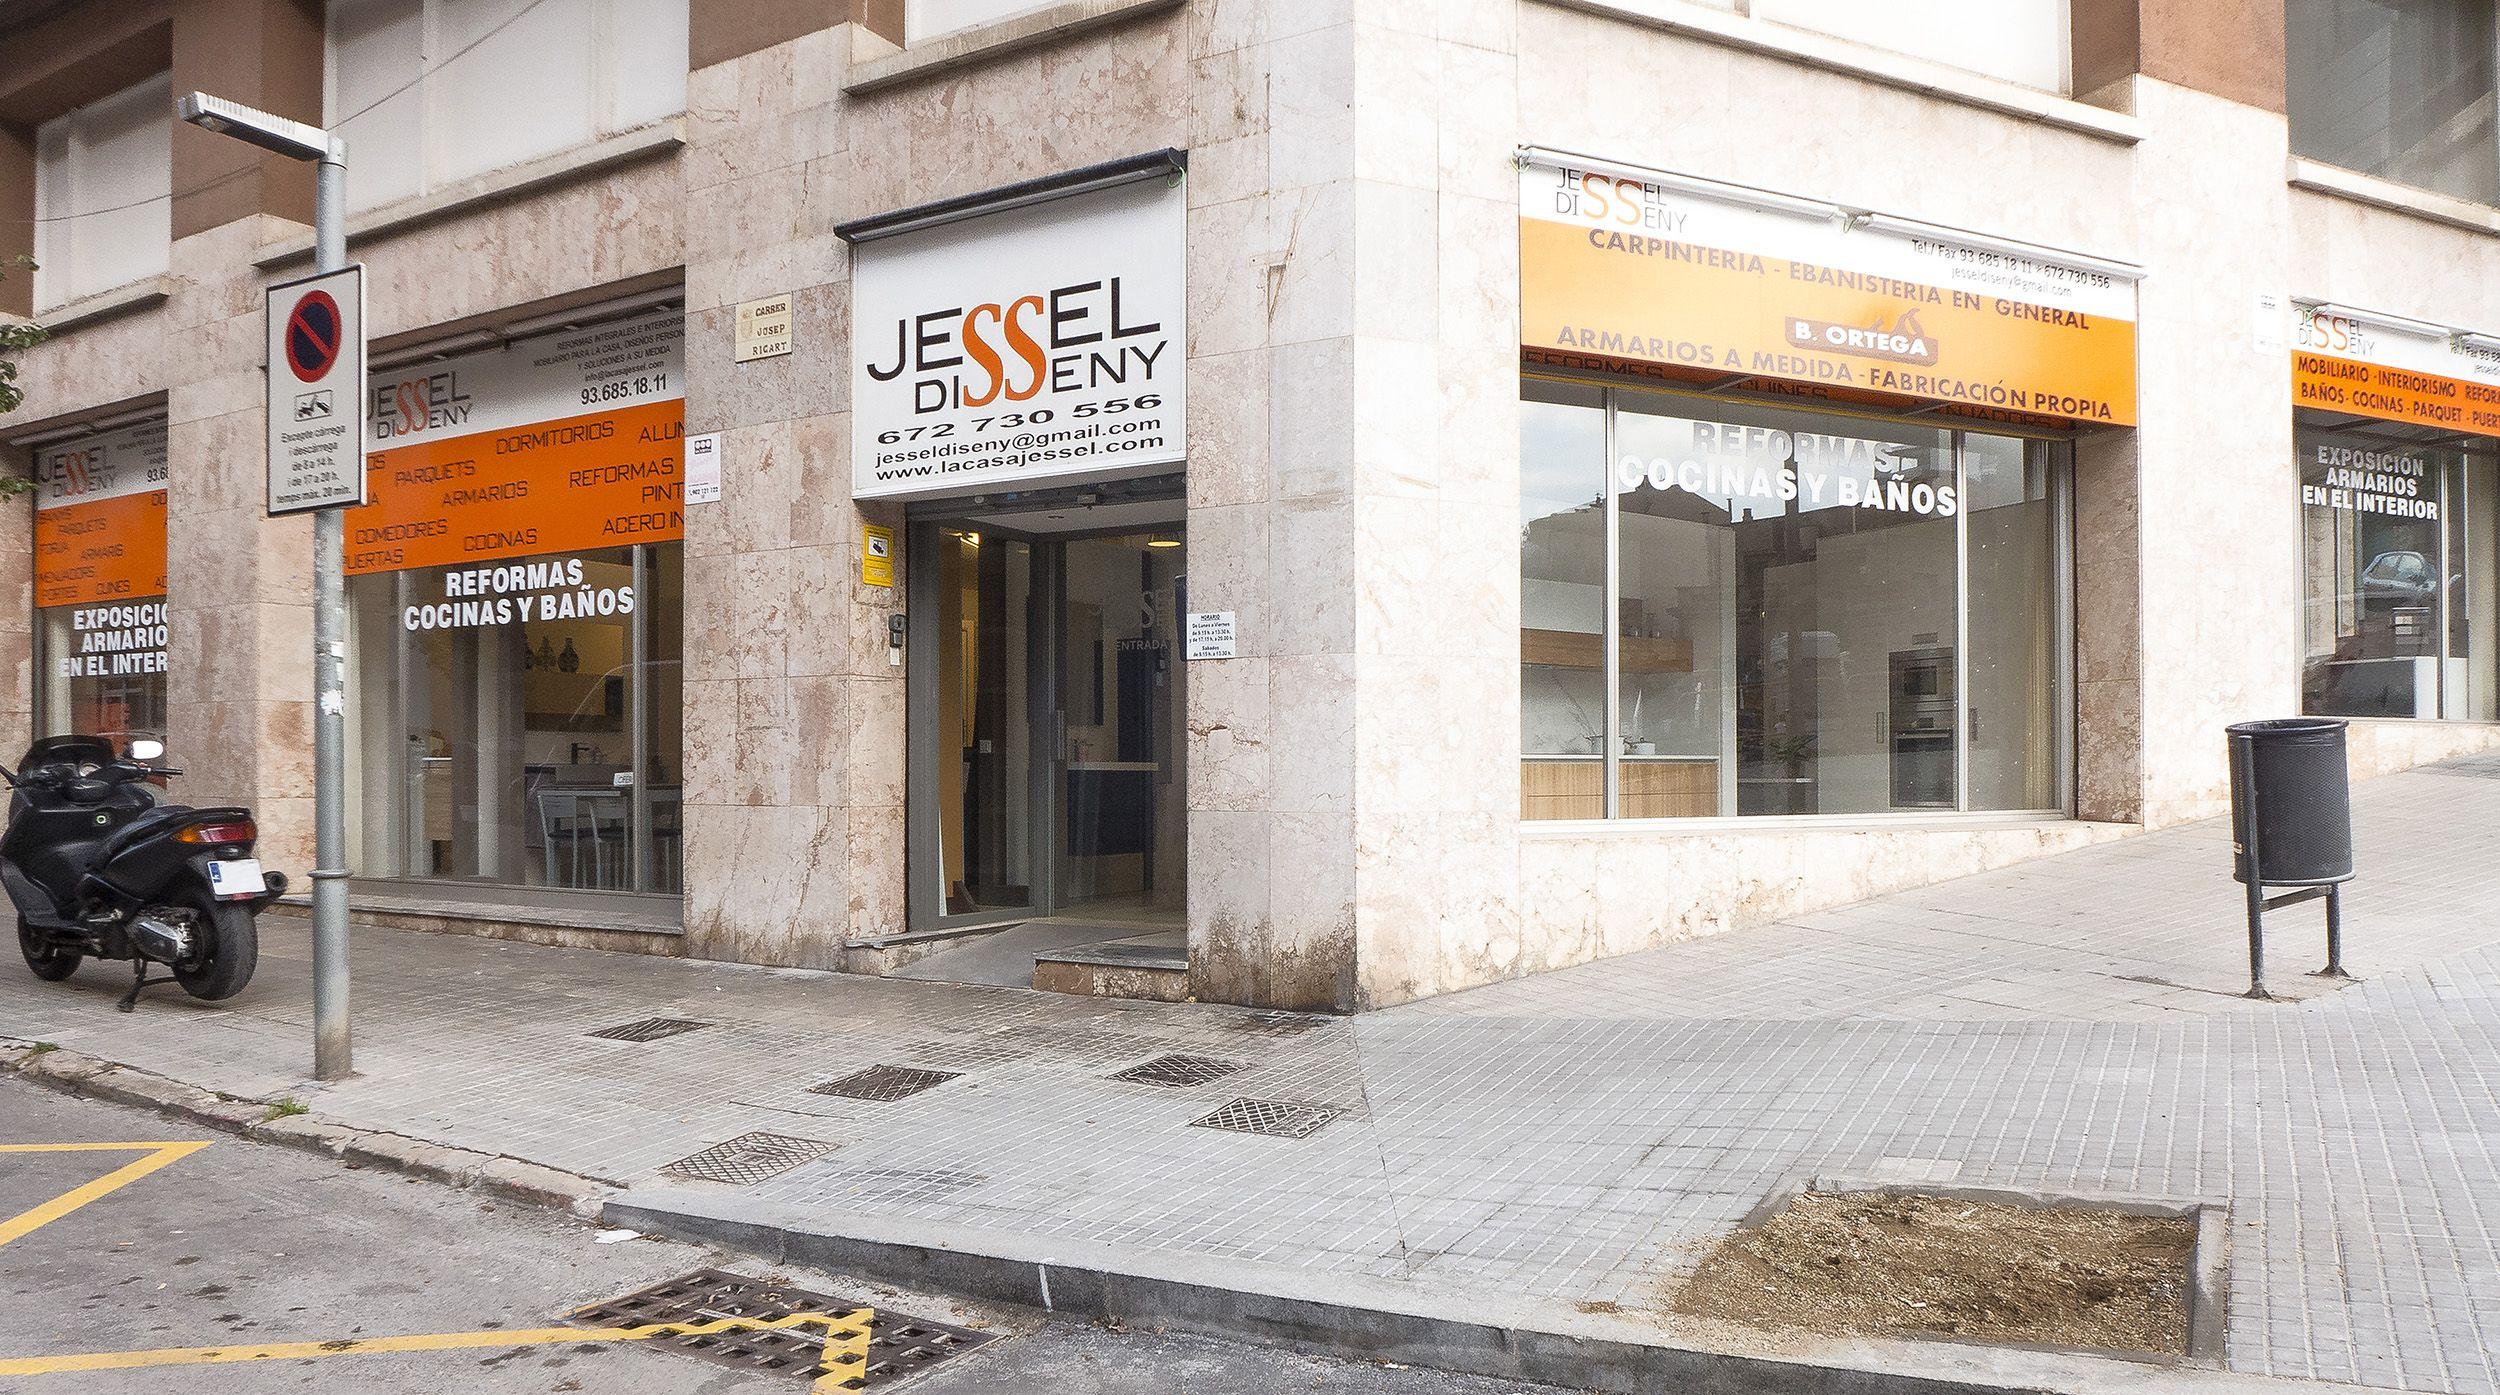 Jessel Disseny empresa de reformas integrales en Sarriá Sant Gervasi, Barcelona